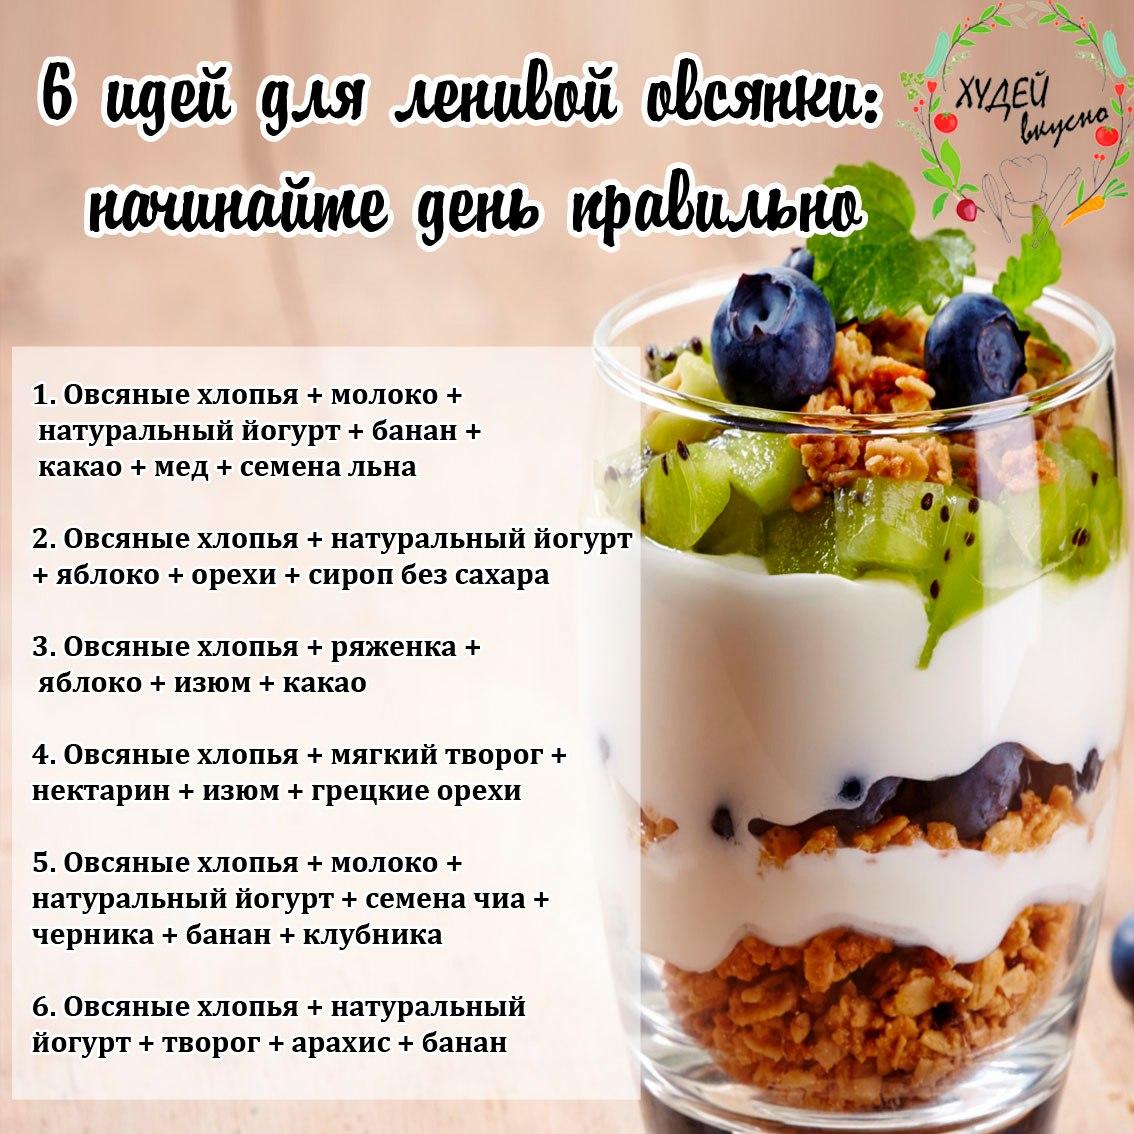 Вкусные Полезные Рецепты Для Похудения.